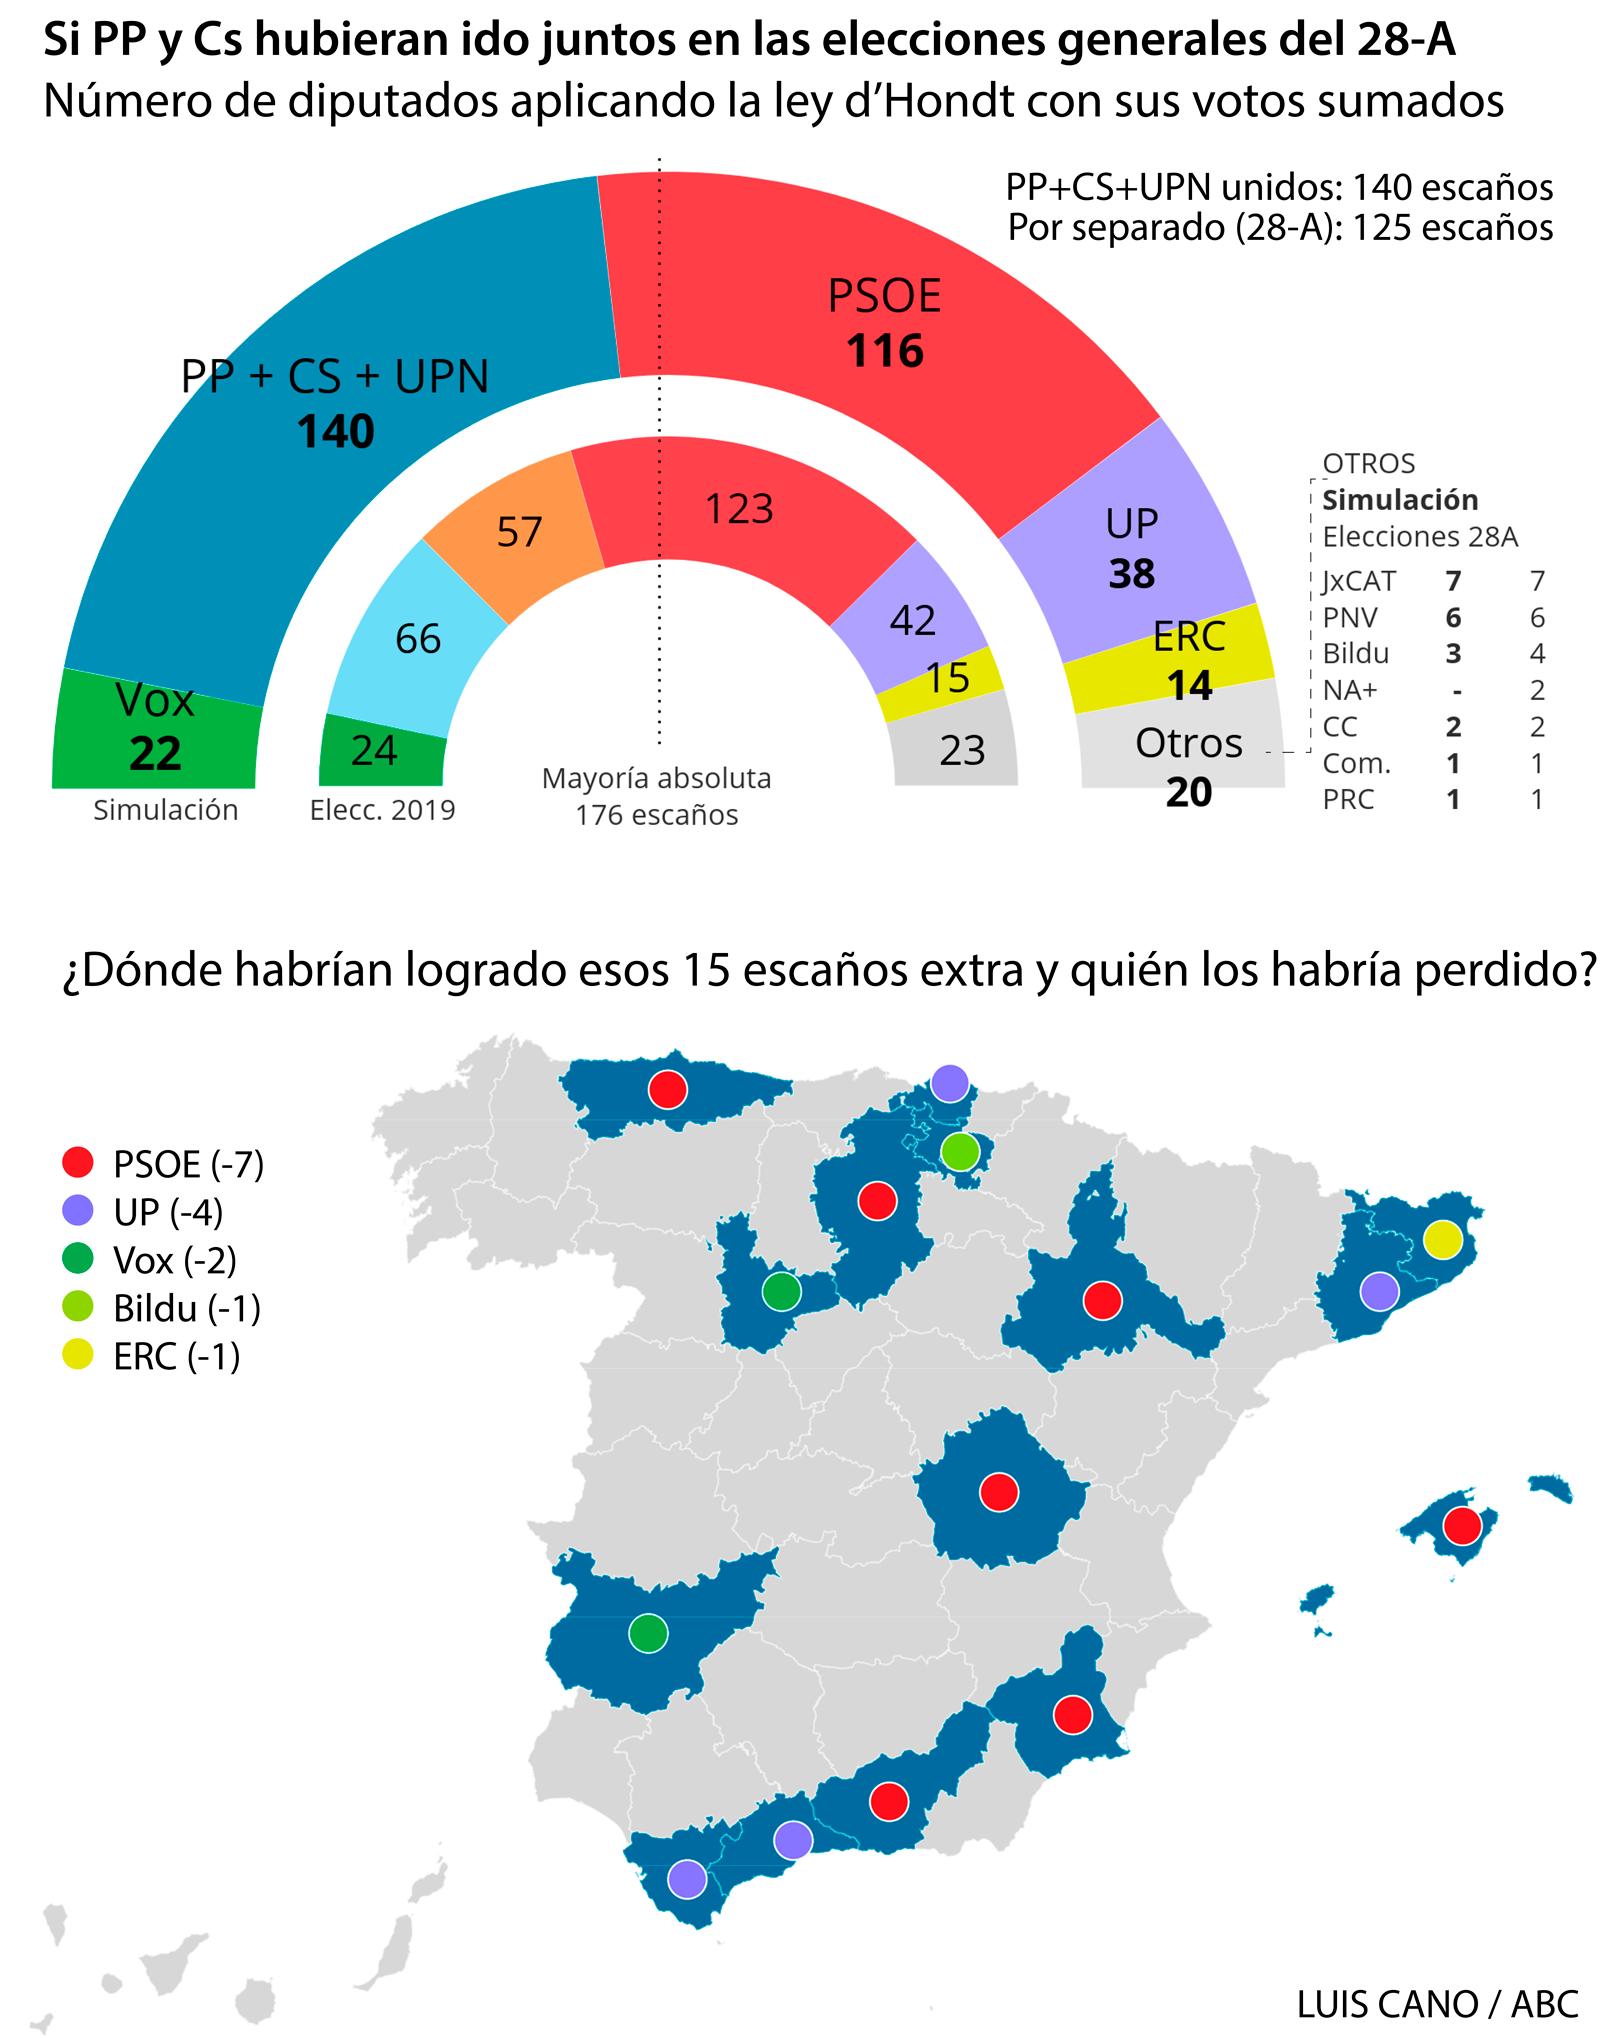 Alianza PP y Ciudadanos el 28-A